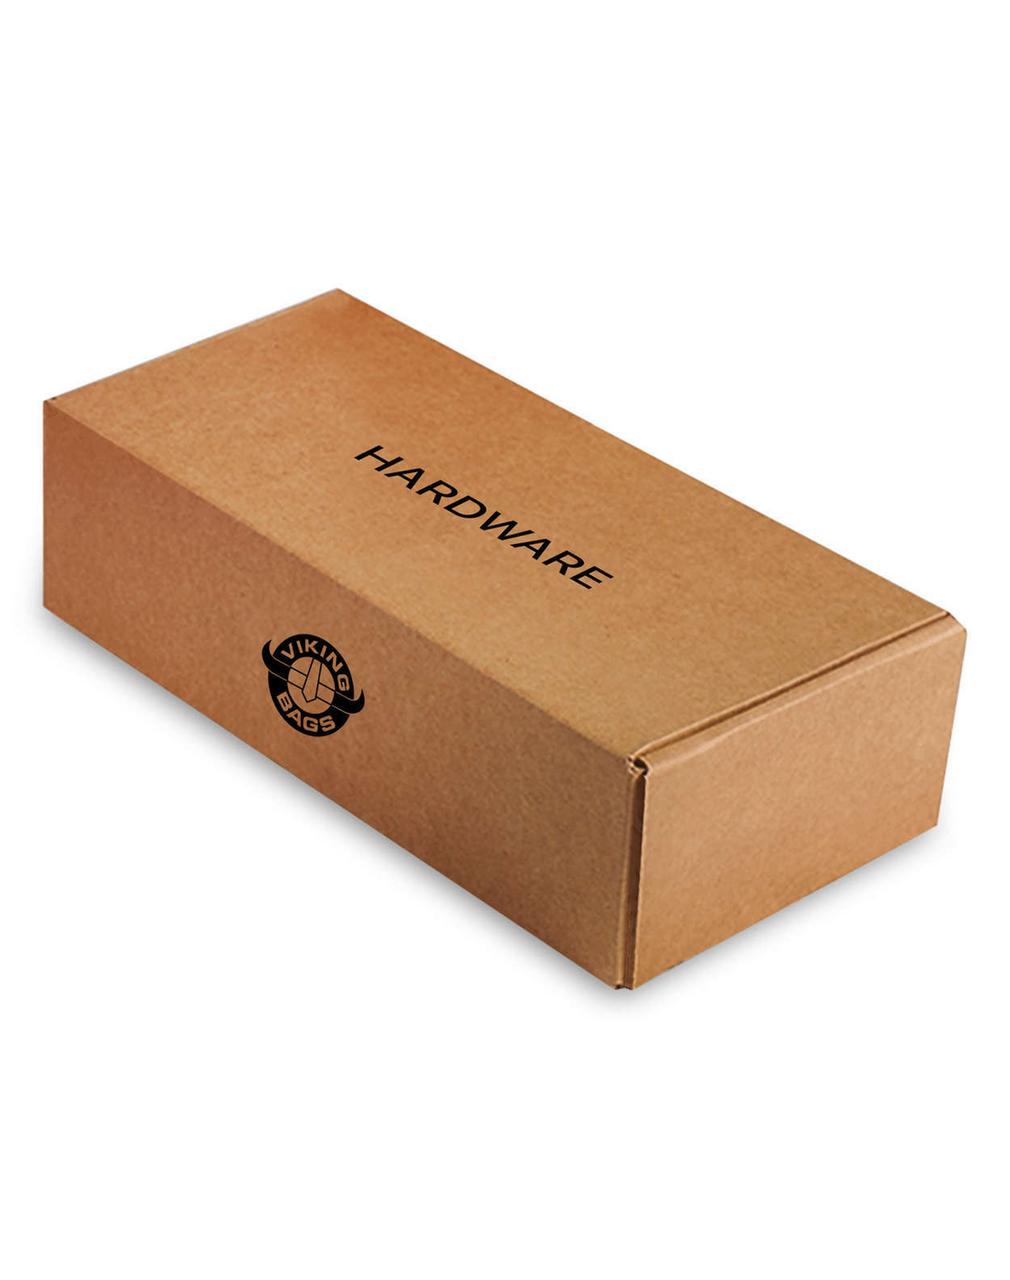 Honda 1100 Shadow Spirit Lamellar Extra Large Shock Cutout Leather Covered Saddlebag Hardware box